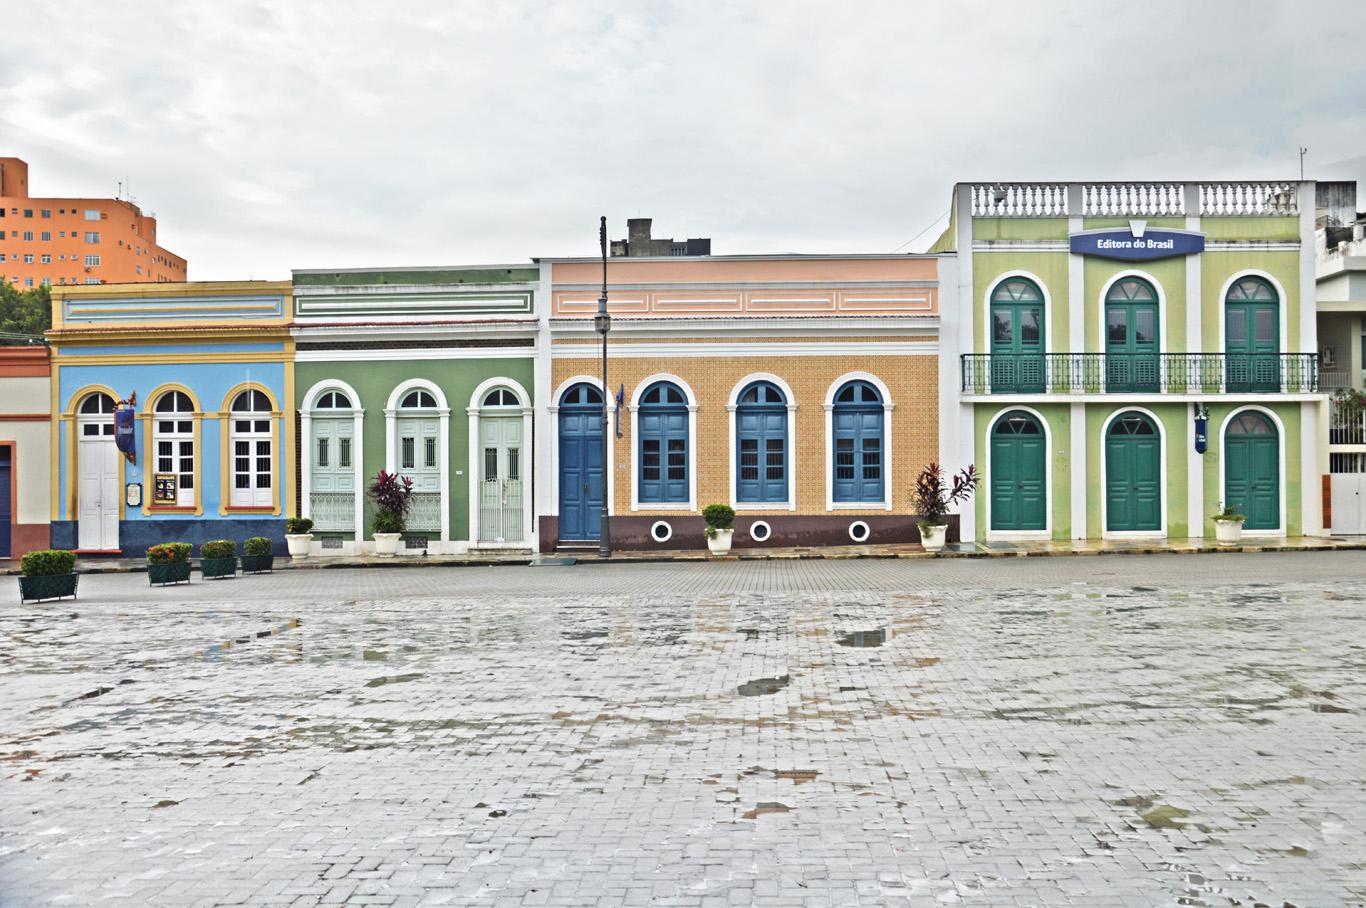 The Amazon Theater square